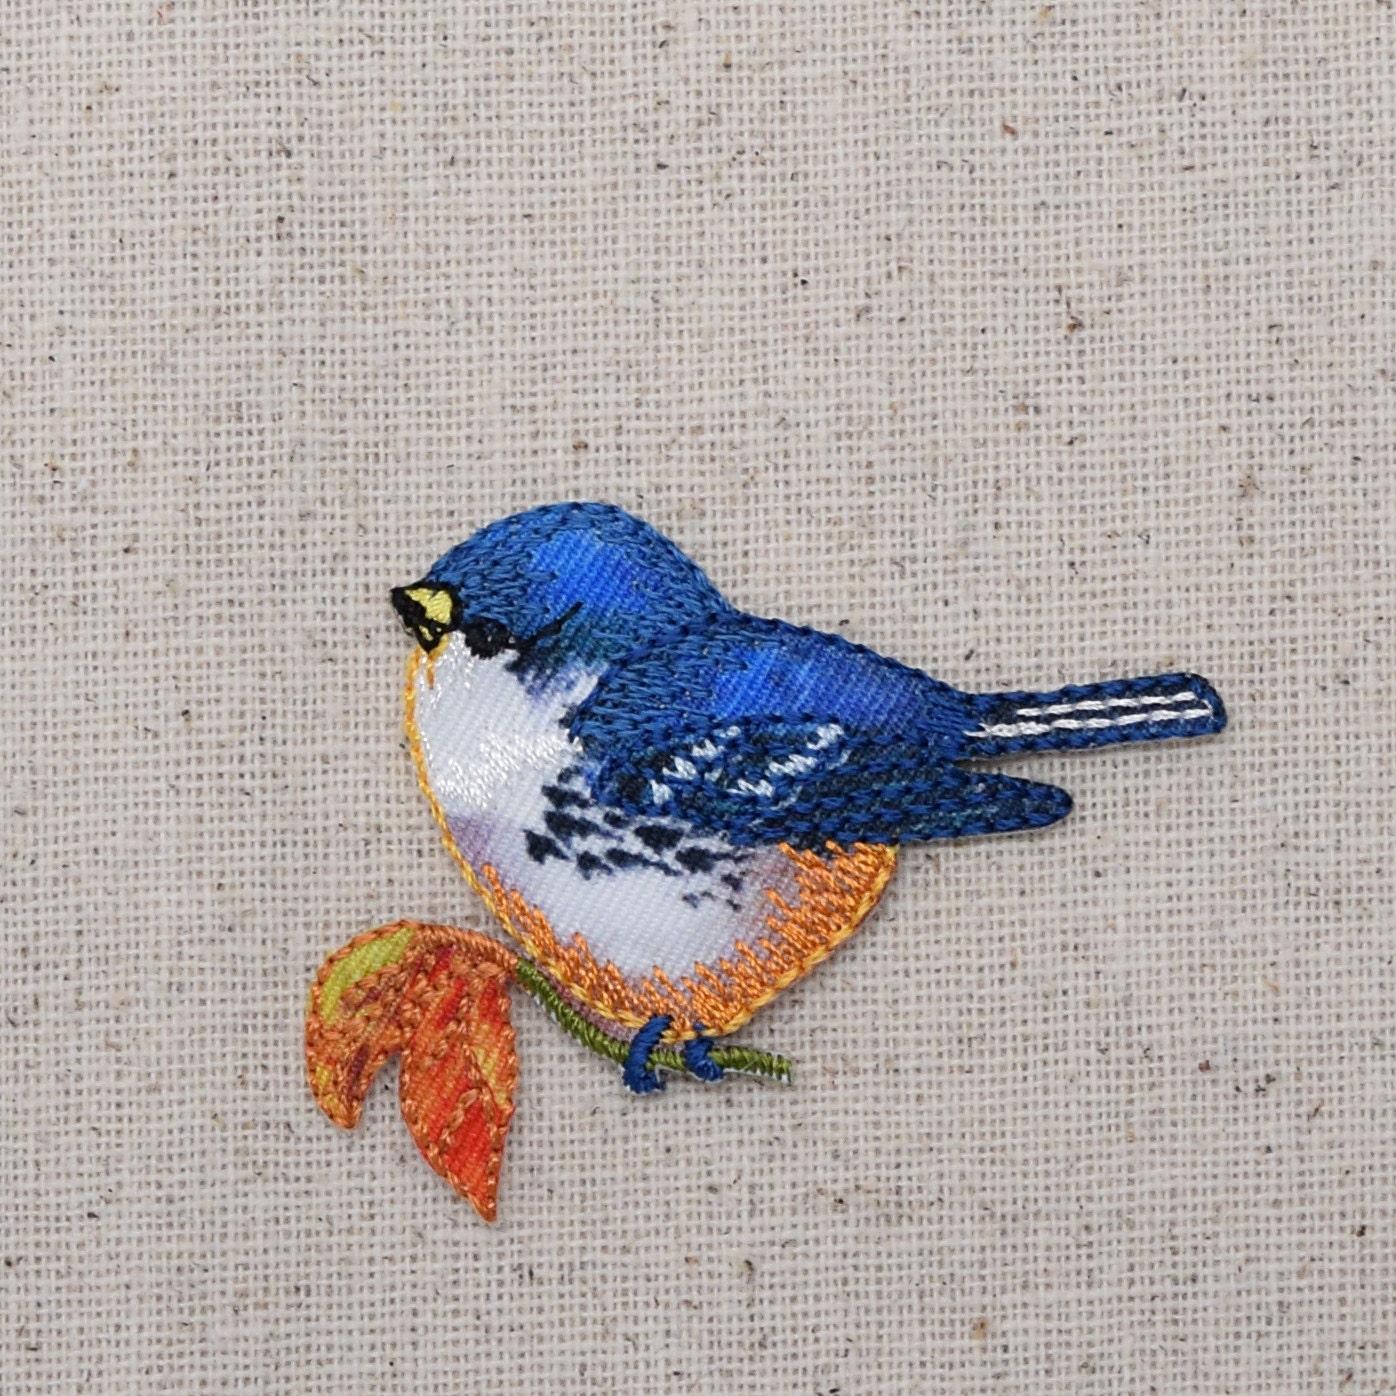 Oiseau bleu orange poitrine tenant feuille face gauche for Oiseau bleu et orange